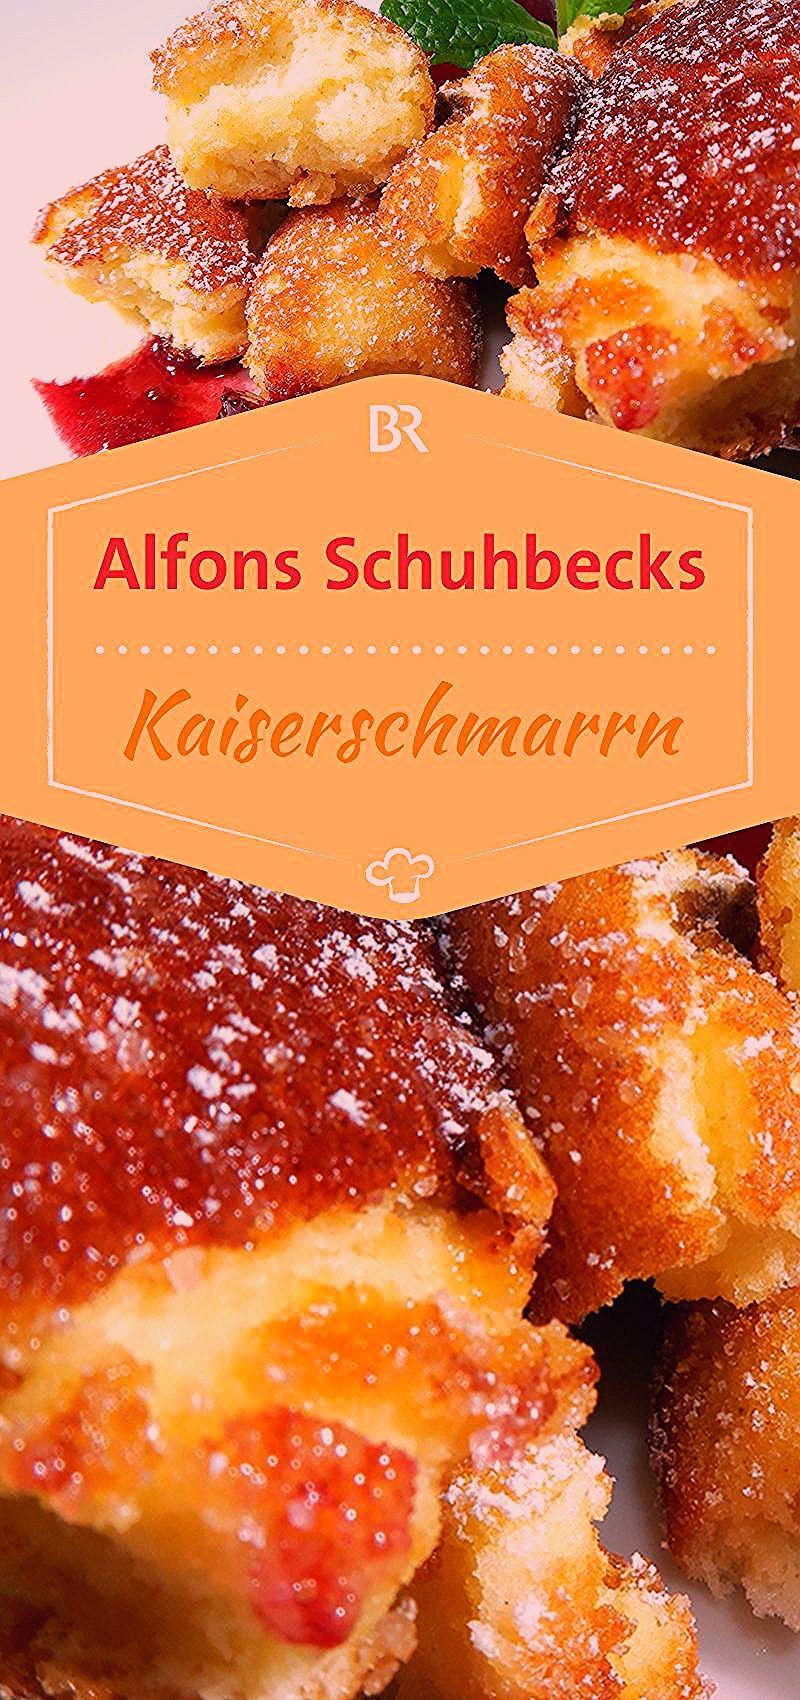 Pin Von Amos Roob Auf Alfons Schuhbeck Mit Bildern Kaiserschmarrn Kaiserschmarrn Rezept Beste Pfannkuchen Rezept